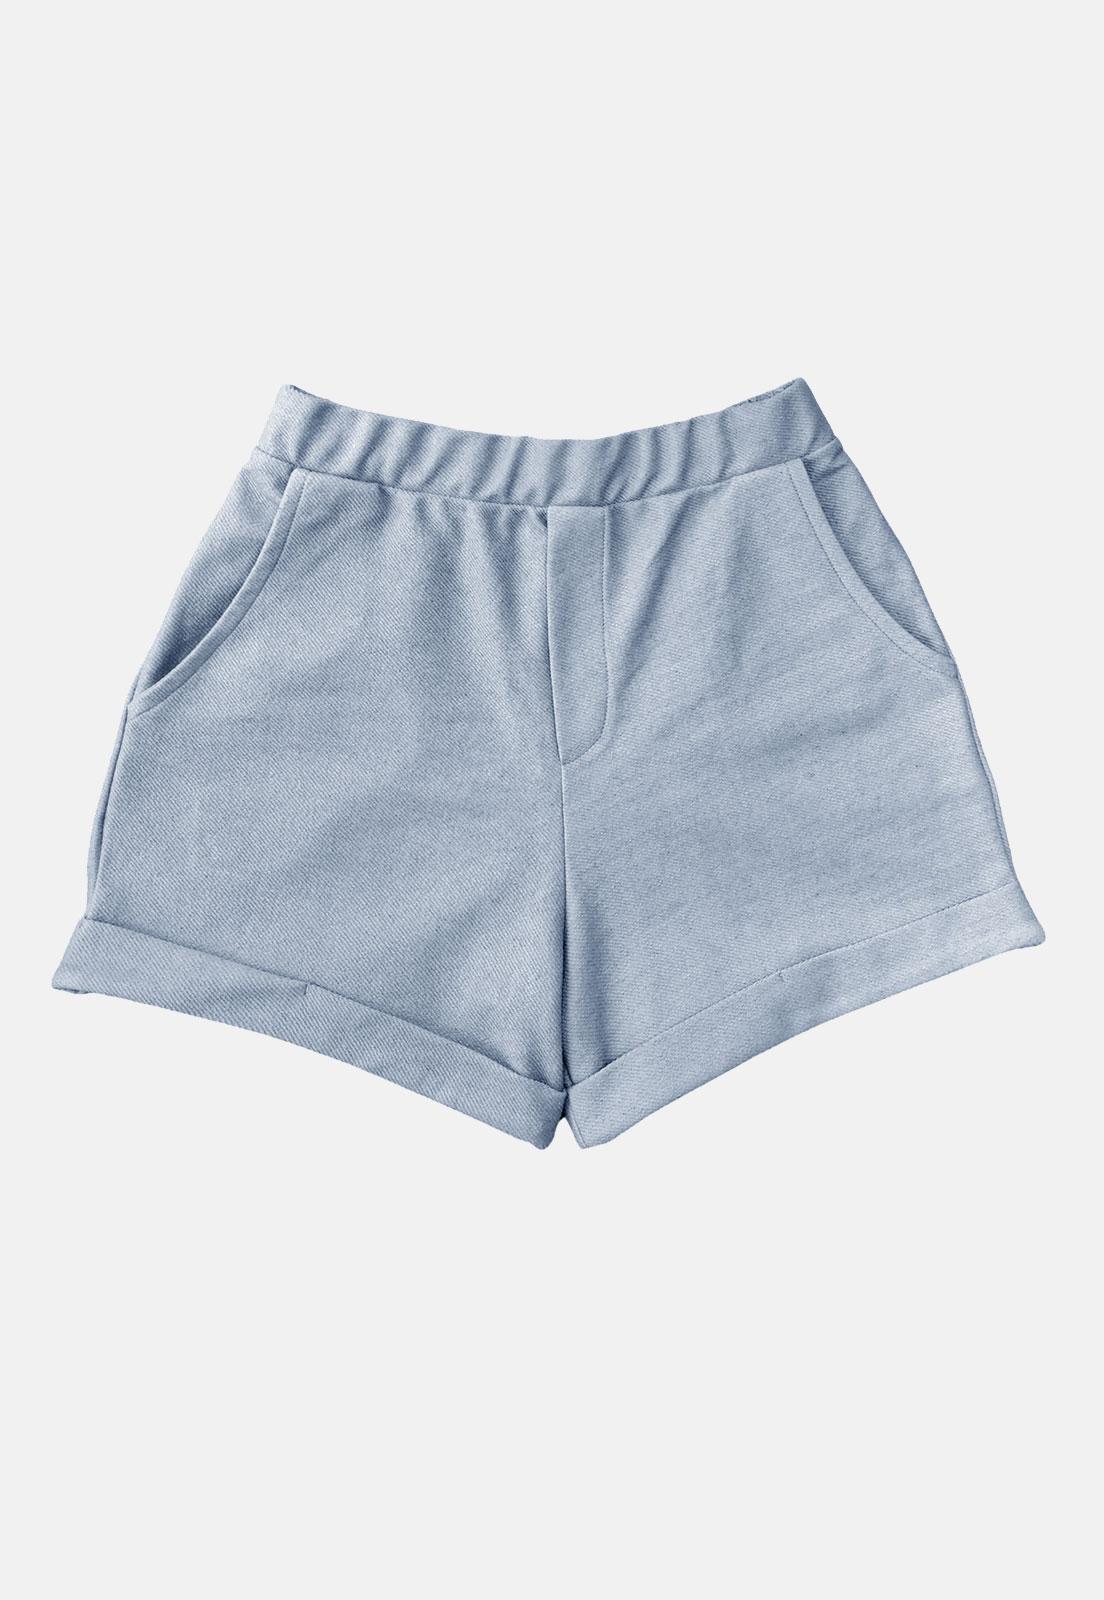 Shorts Feminino Azul Claro Tingimento Natural